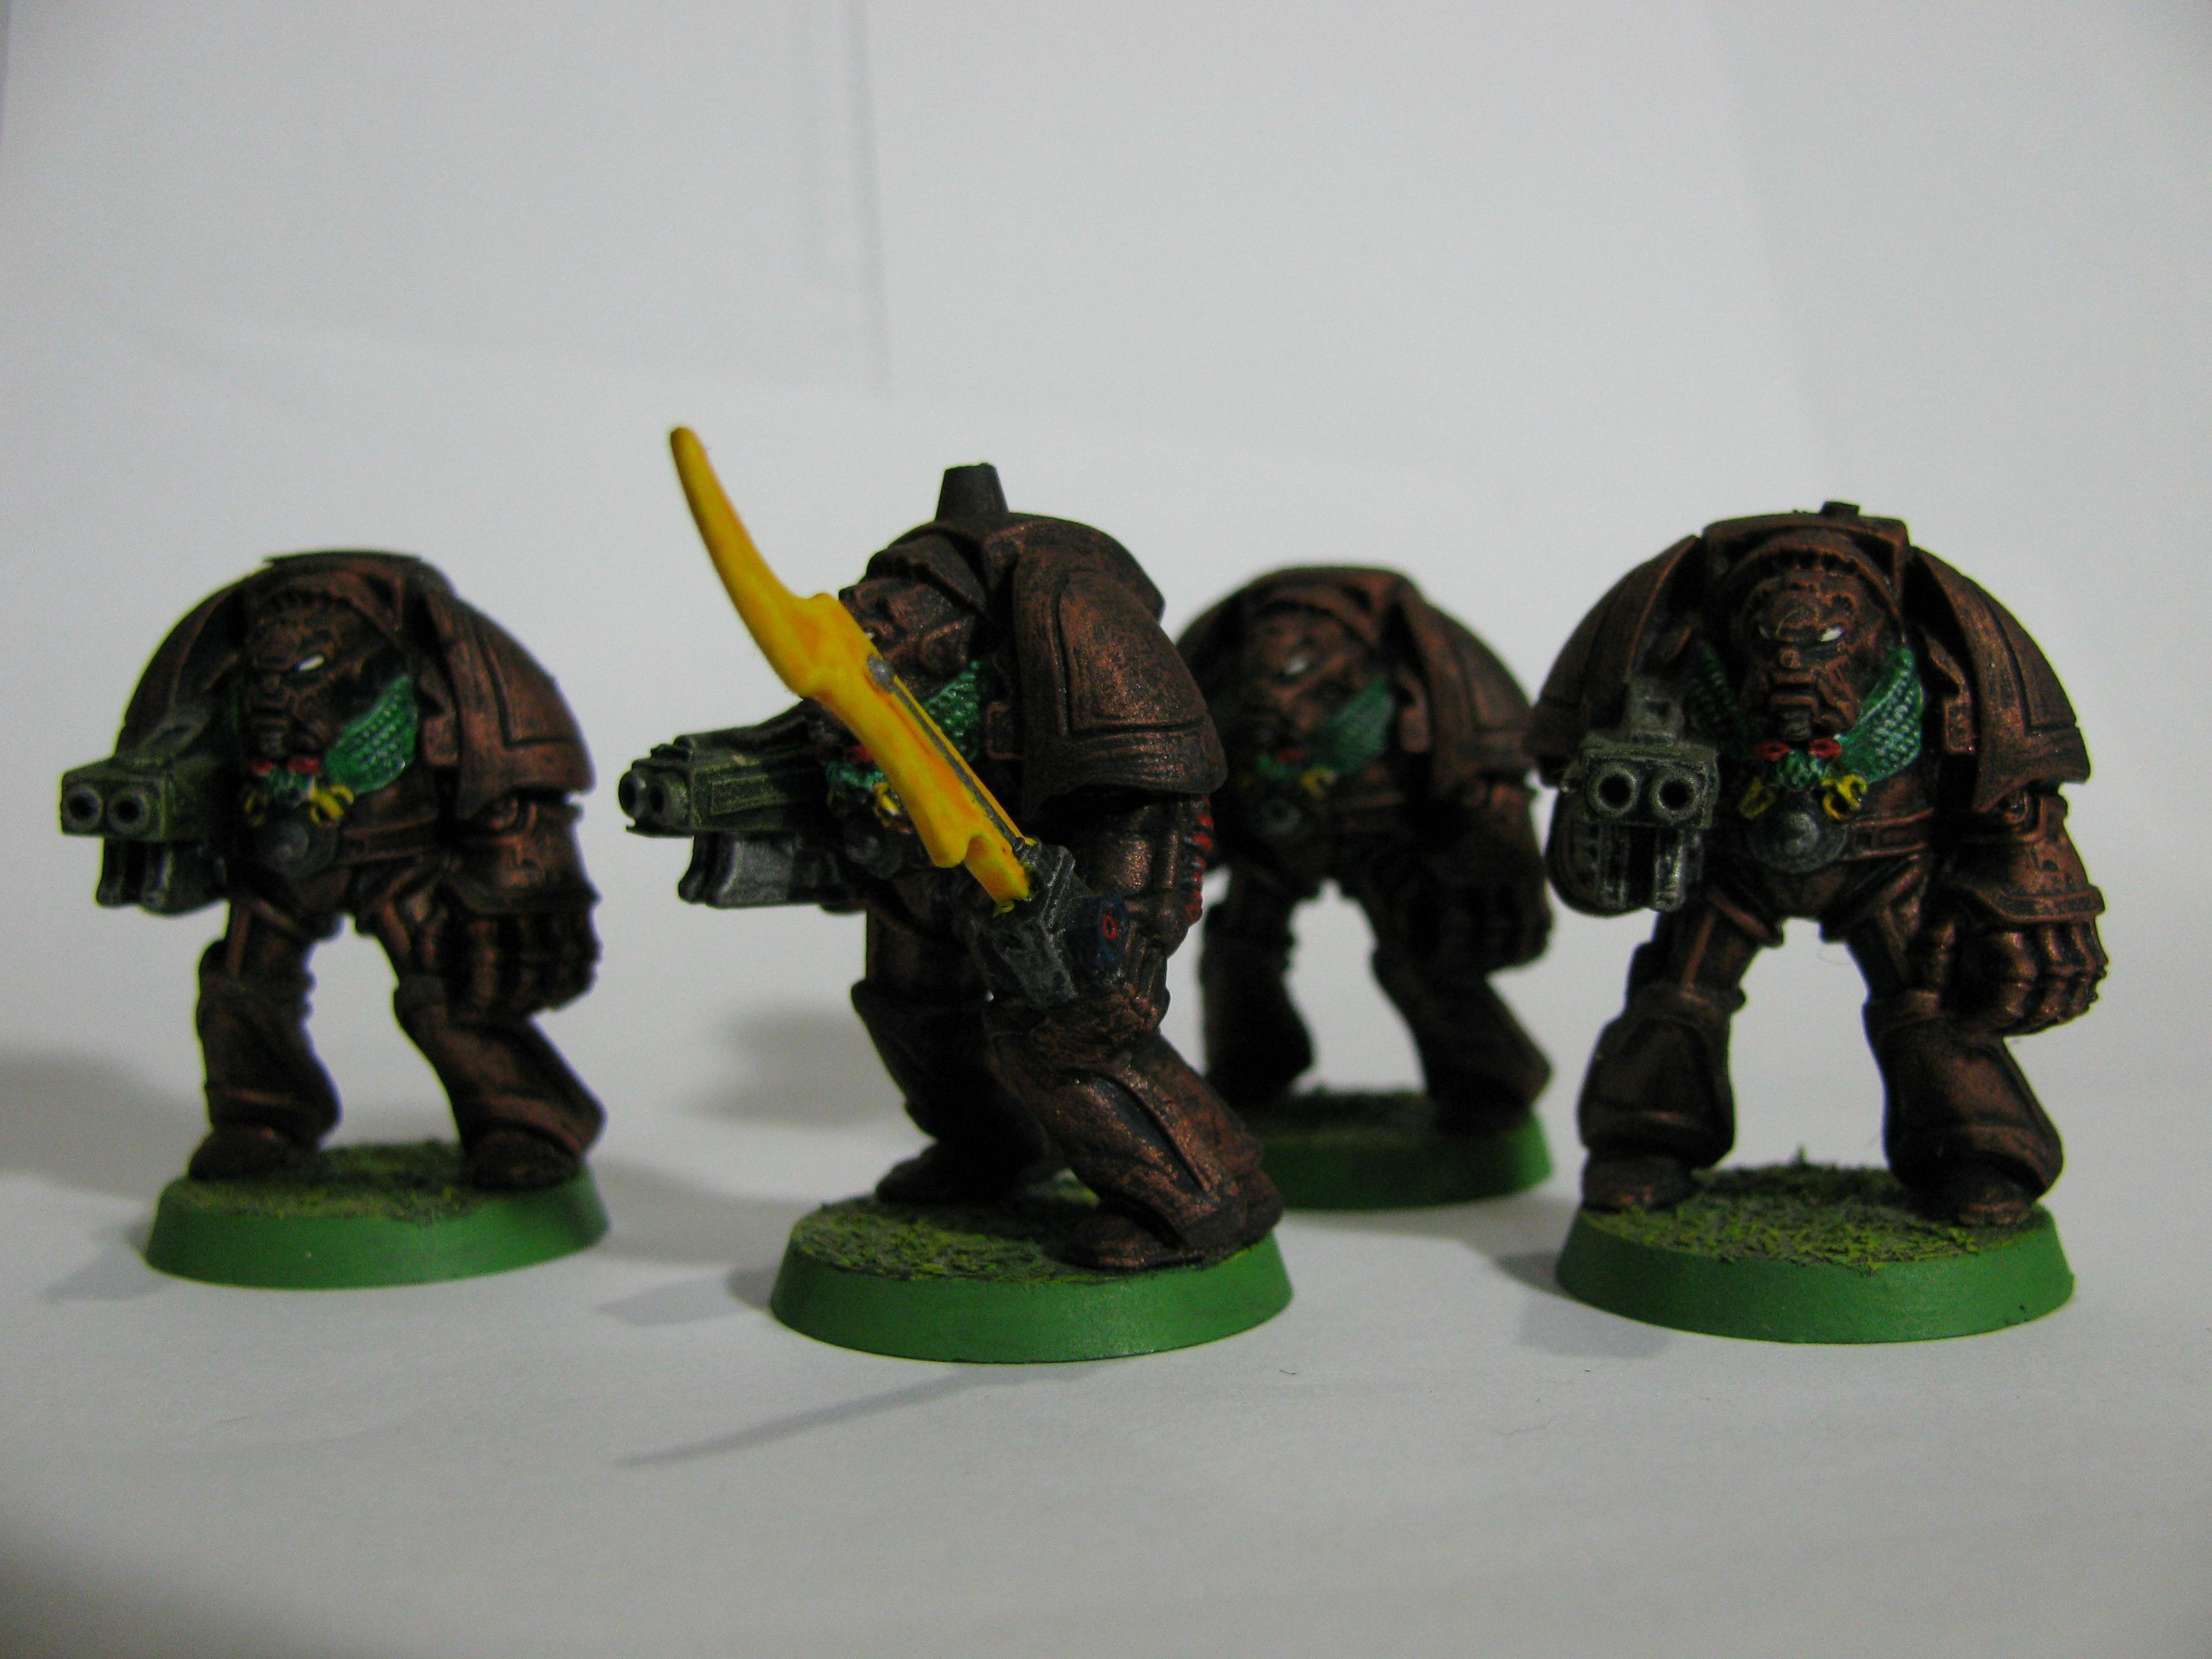 Crusaders Penitent, Old School, Space Marines, Warhammer 40,000